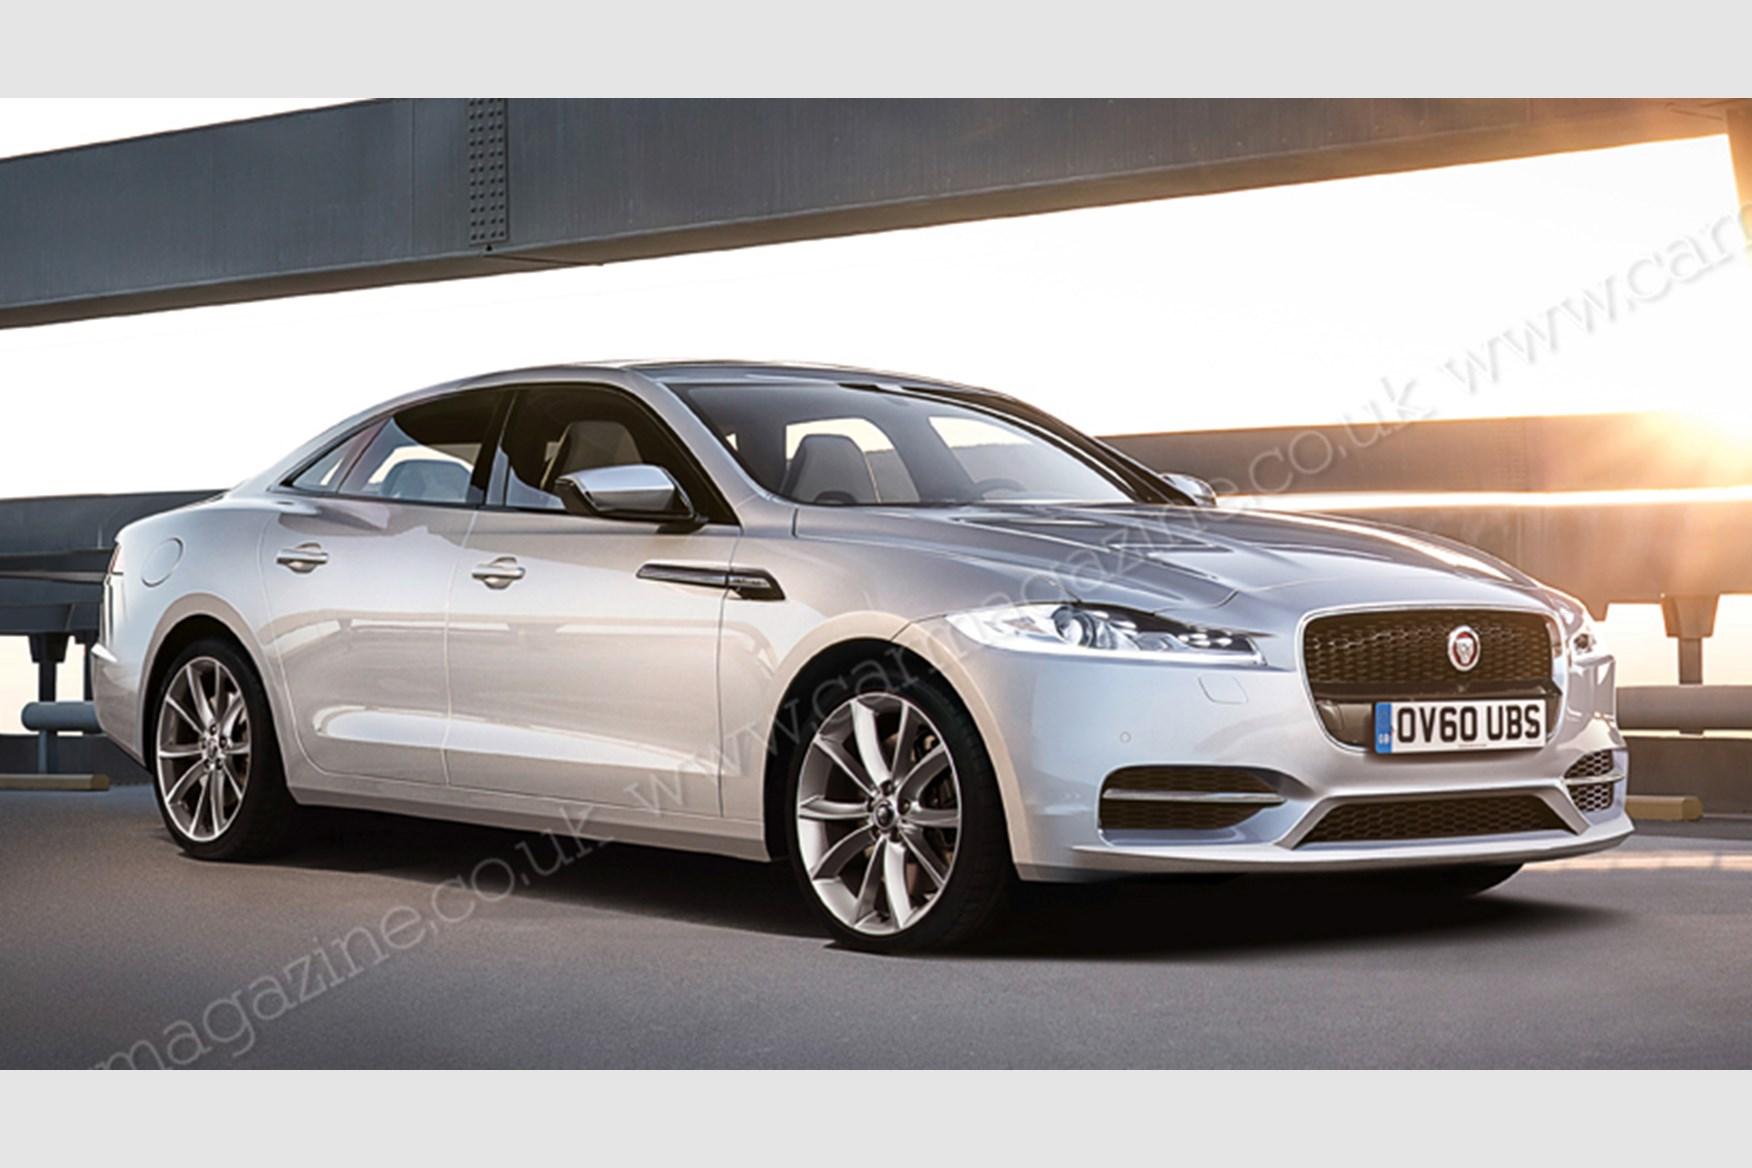 2018 jaguar xk. fine jaguar jaguar expansion the next xj will have a more conventional saloon  profile than the existing car with 2018 jaguar xk e